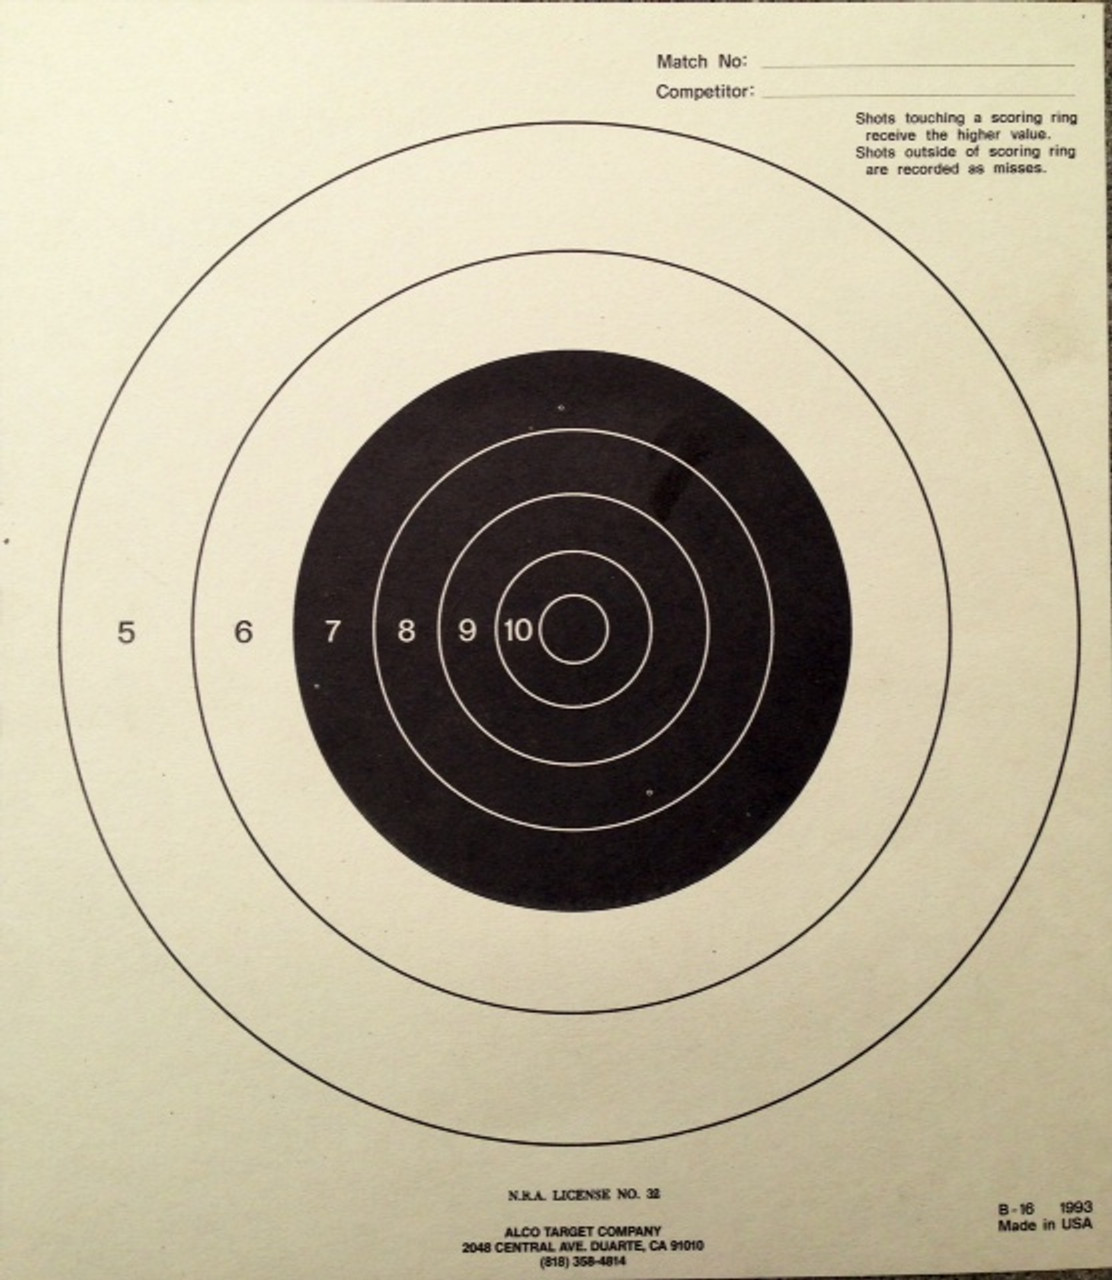 B-16 Shooting Target